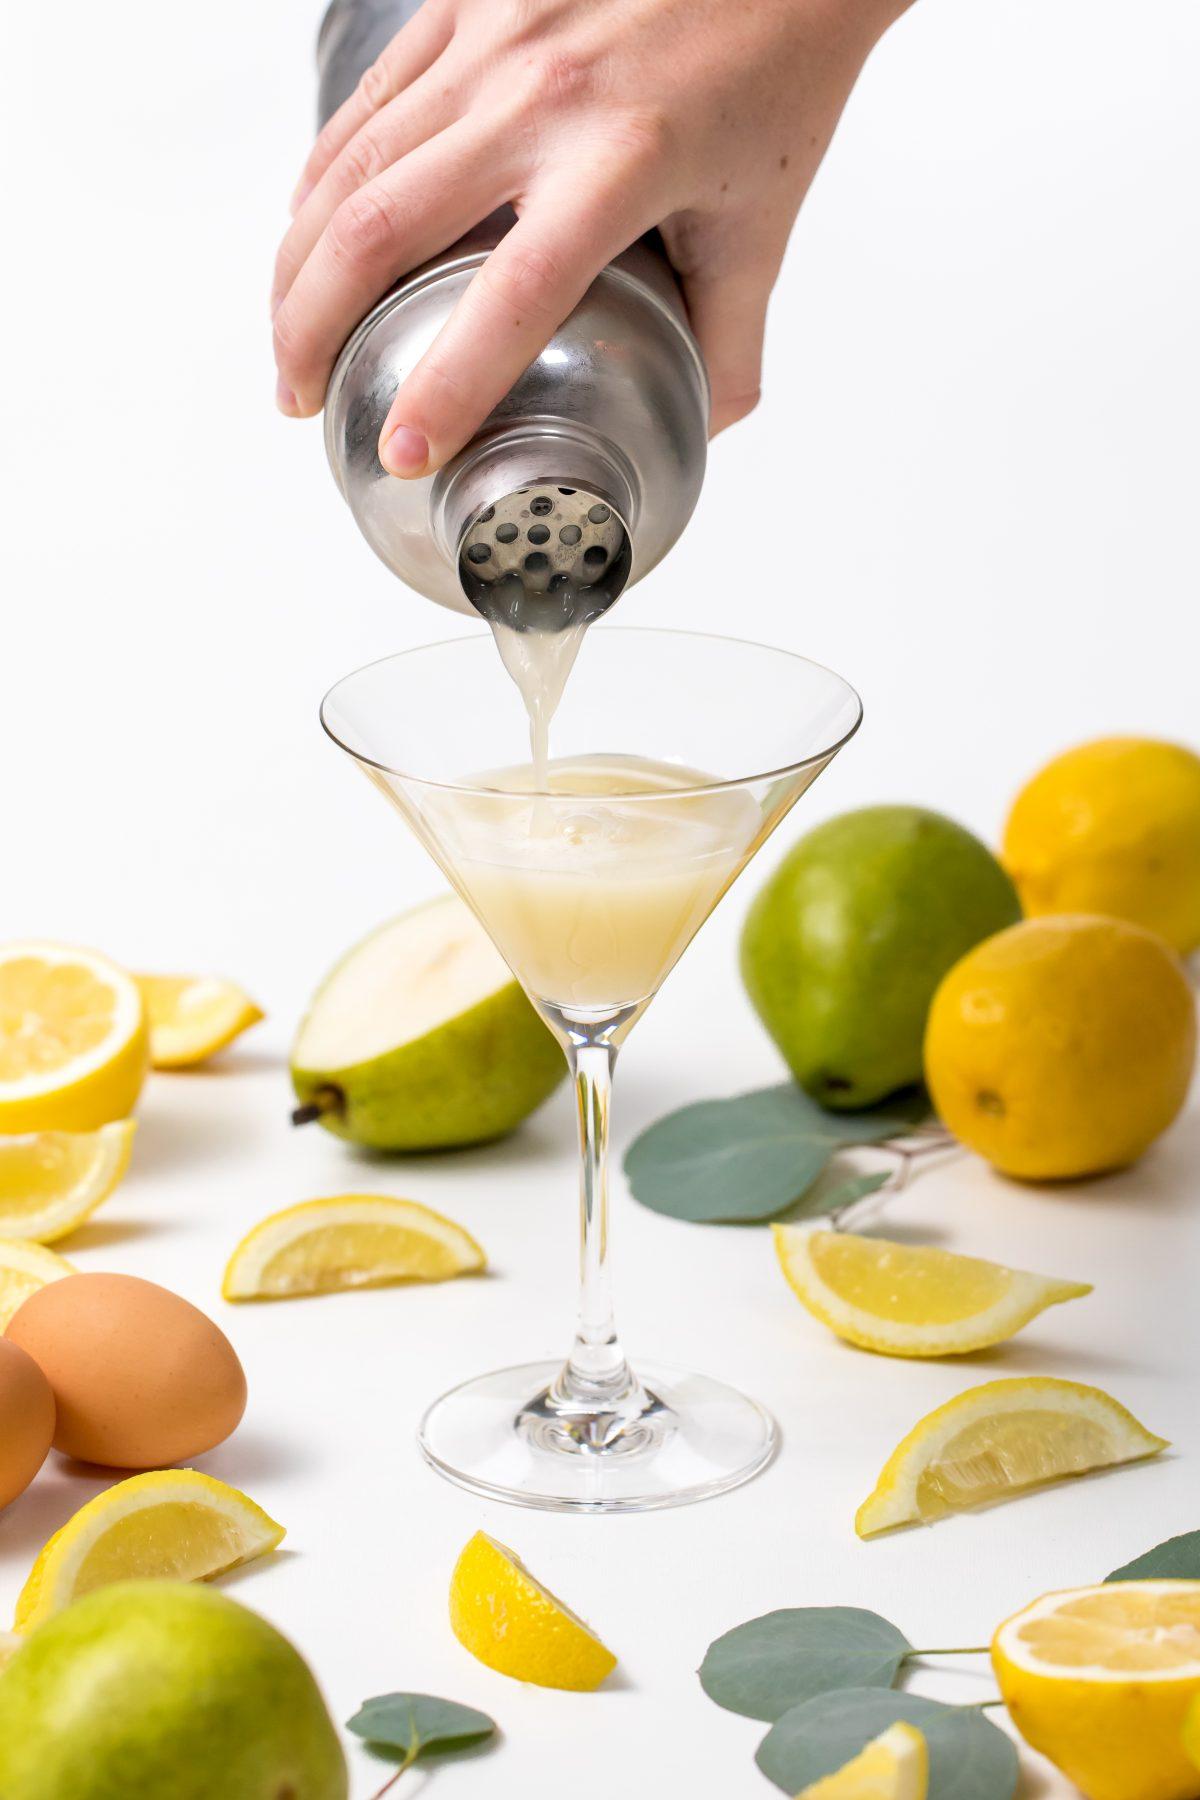 5D4B7580 - Pear Sour - Pour into glass